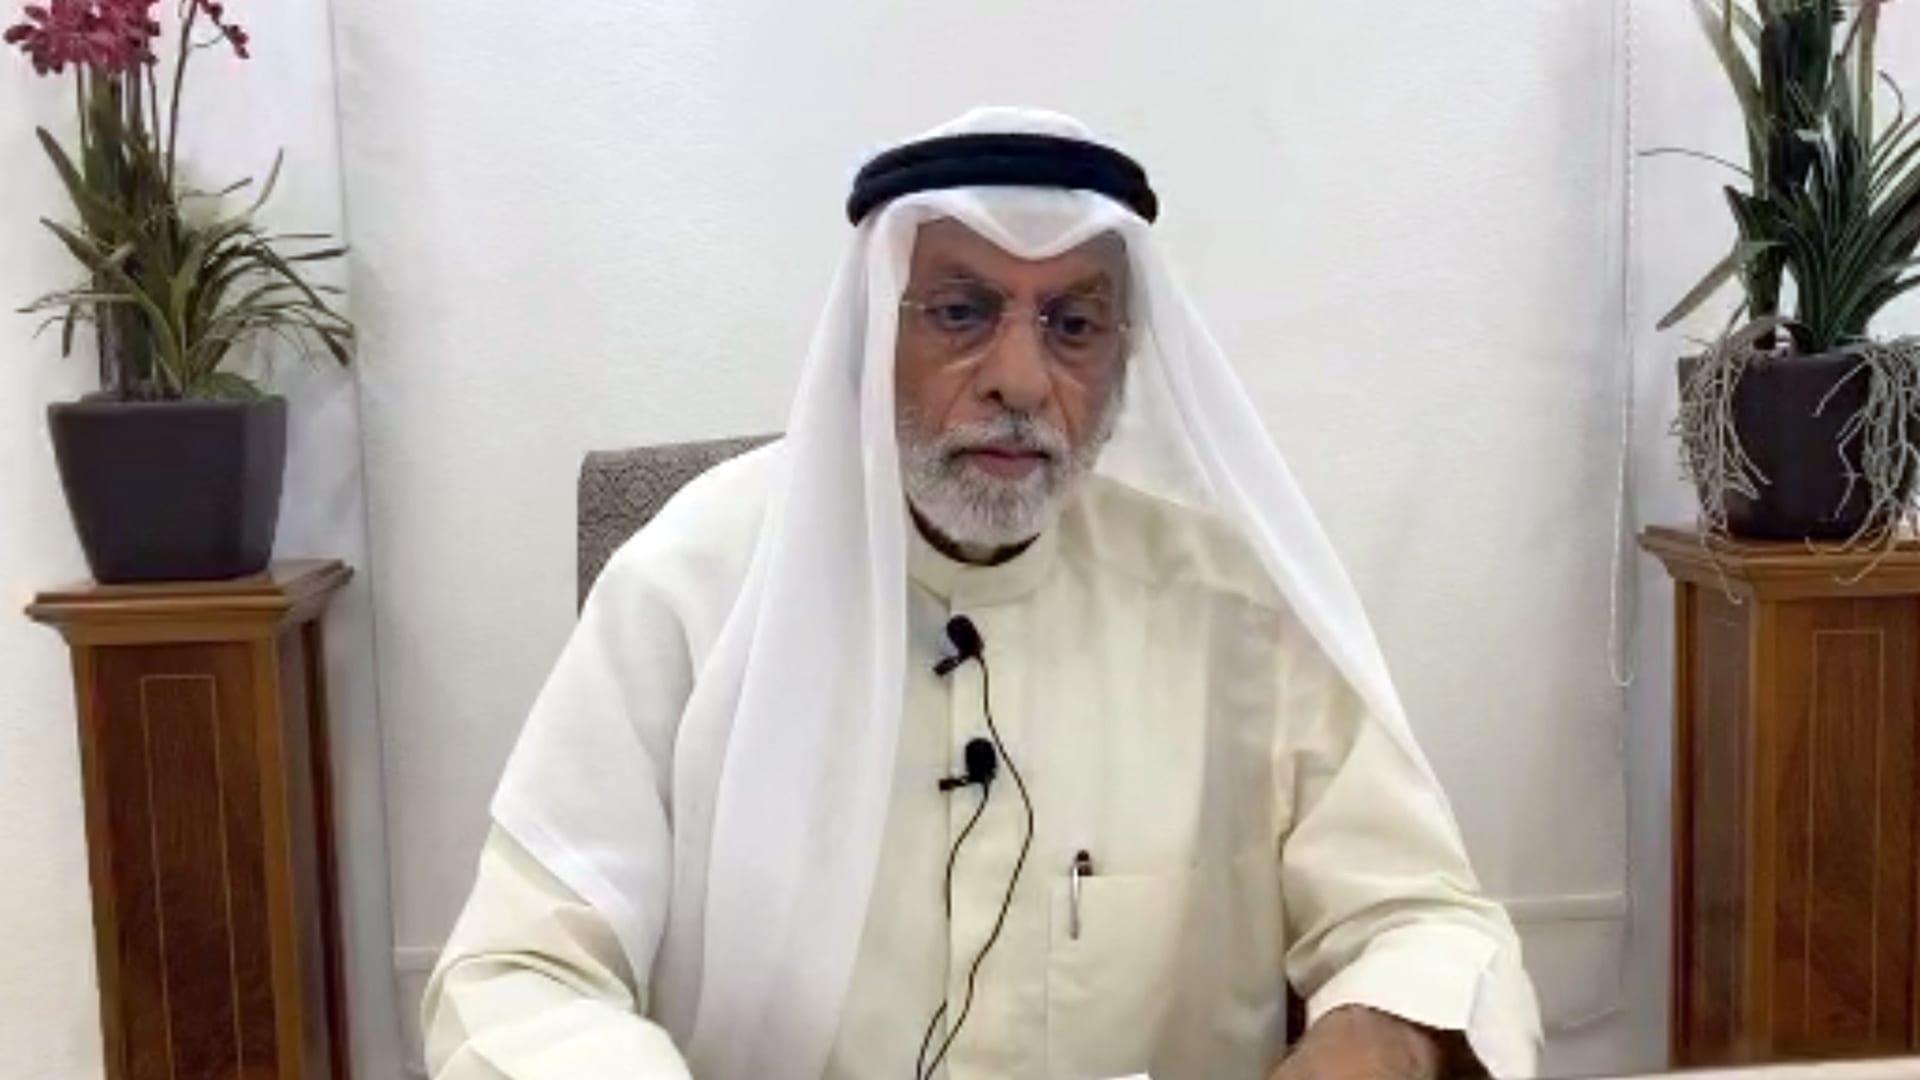 عبدالله النفيسي أستاذ العلوم السياسية والنائب السابق بالبرلمان الكويتي